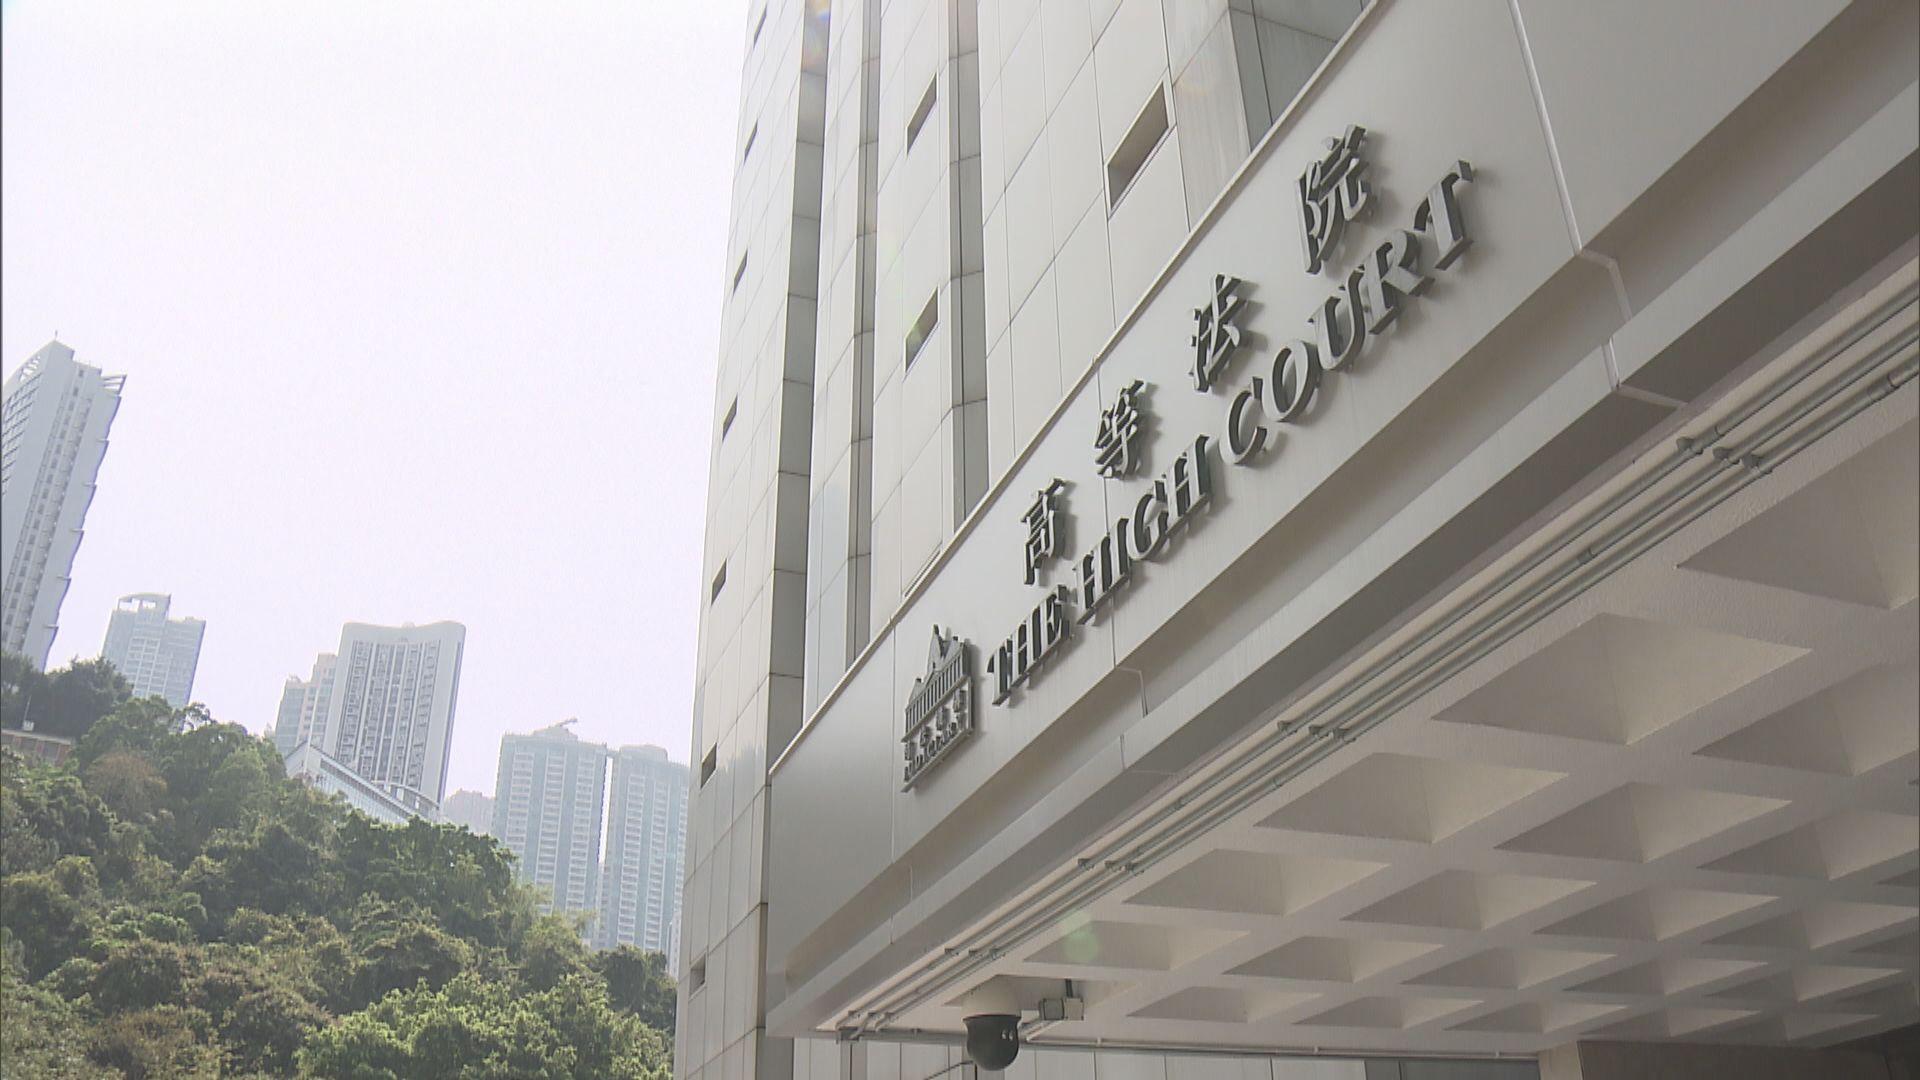 女文員涉嫌串謀刊印及發布煽動刊物 撤回保釋申請